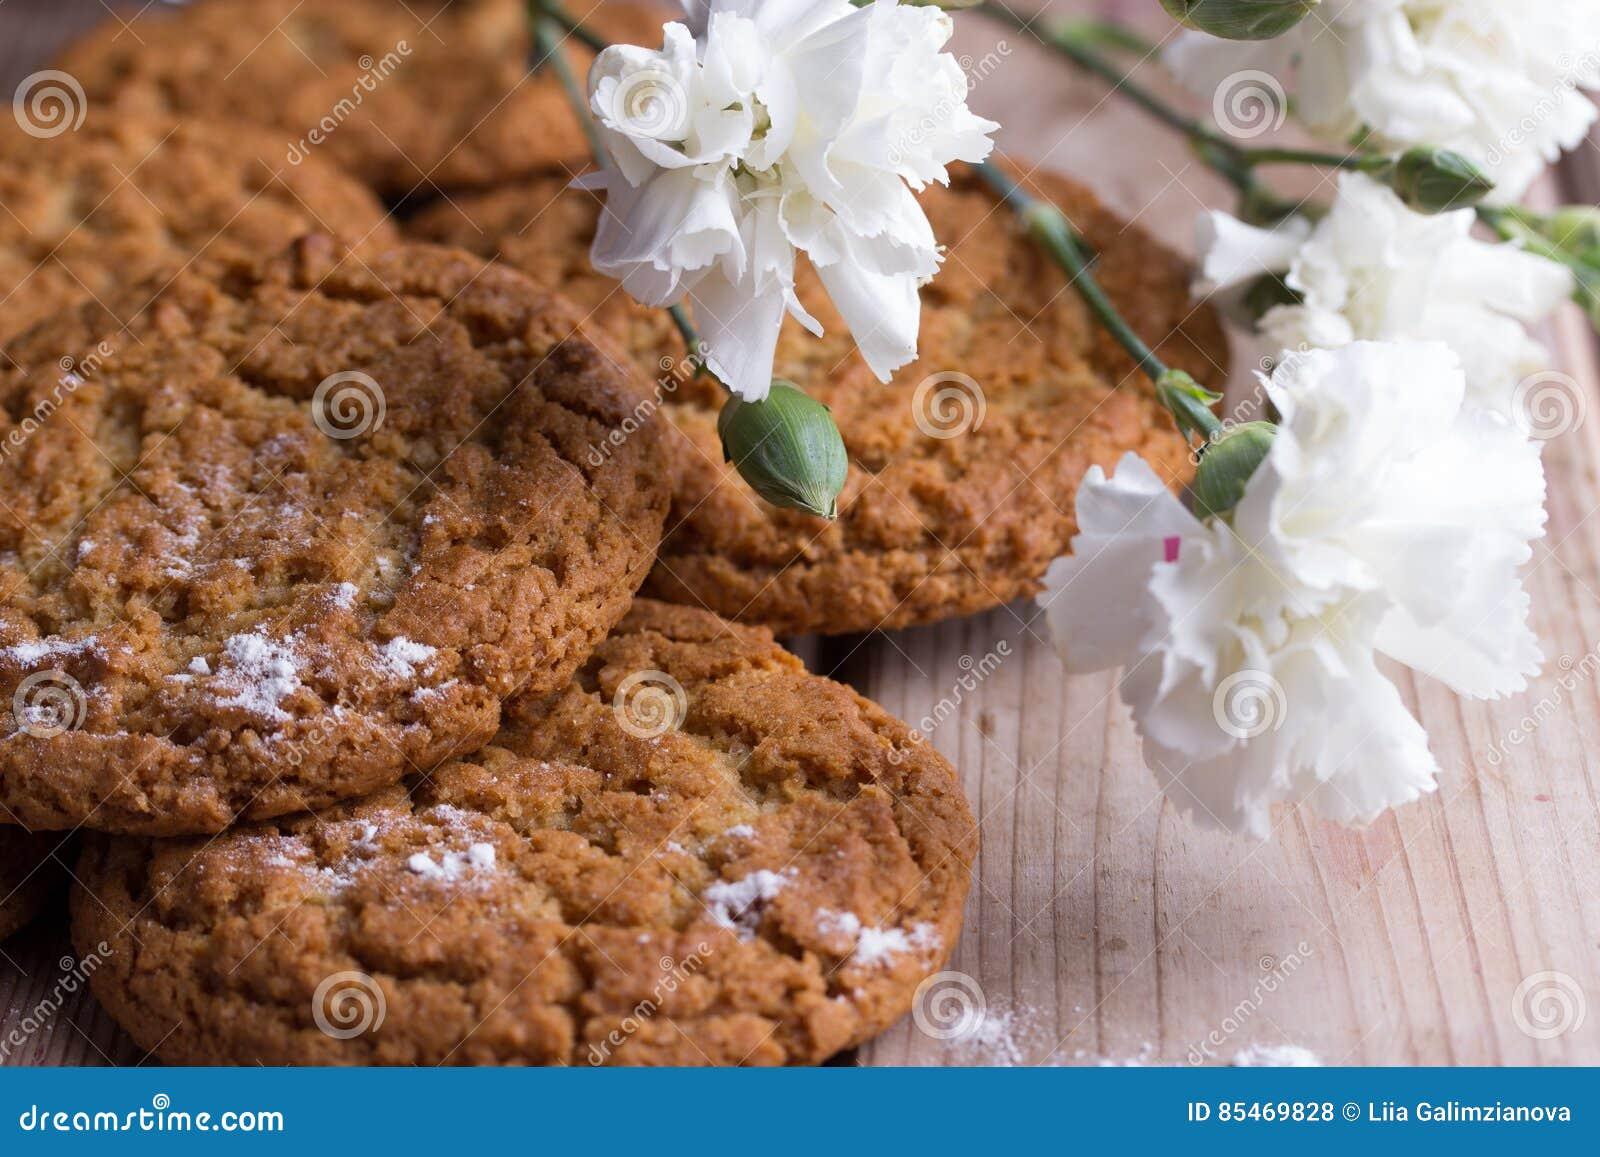 Biscotti di farina d avena casalinghi